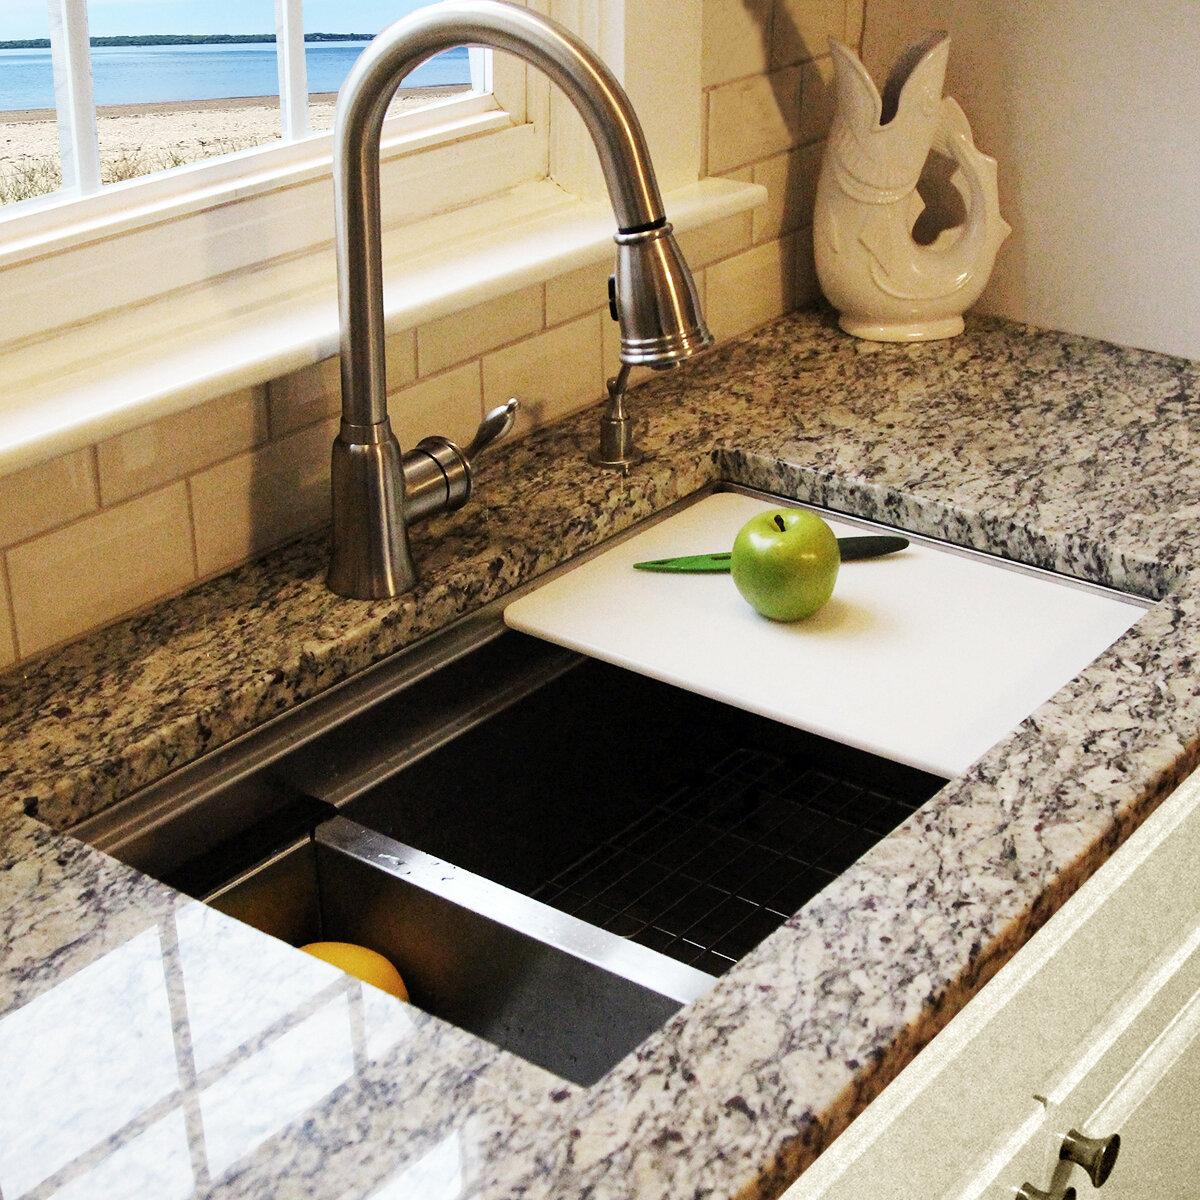 Brown Kitchen Sink Nantucket sinks pro series 30 x 18 undermount kitchen sink nantucket sinks pro series 30 x 18 undermount kitchen sink reviews wayfair workwithnaturefo